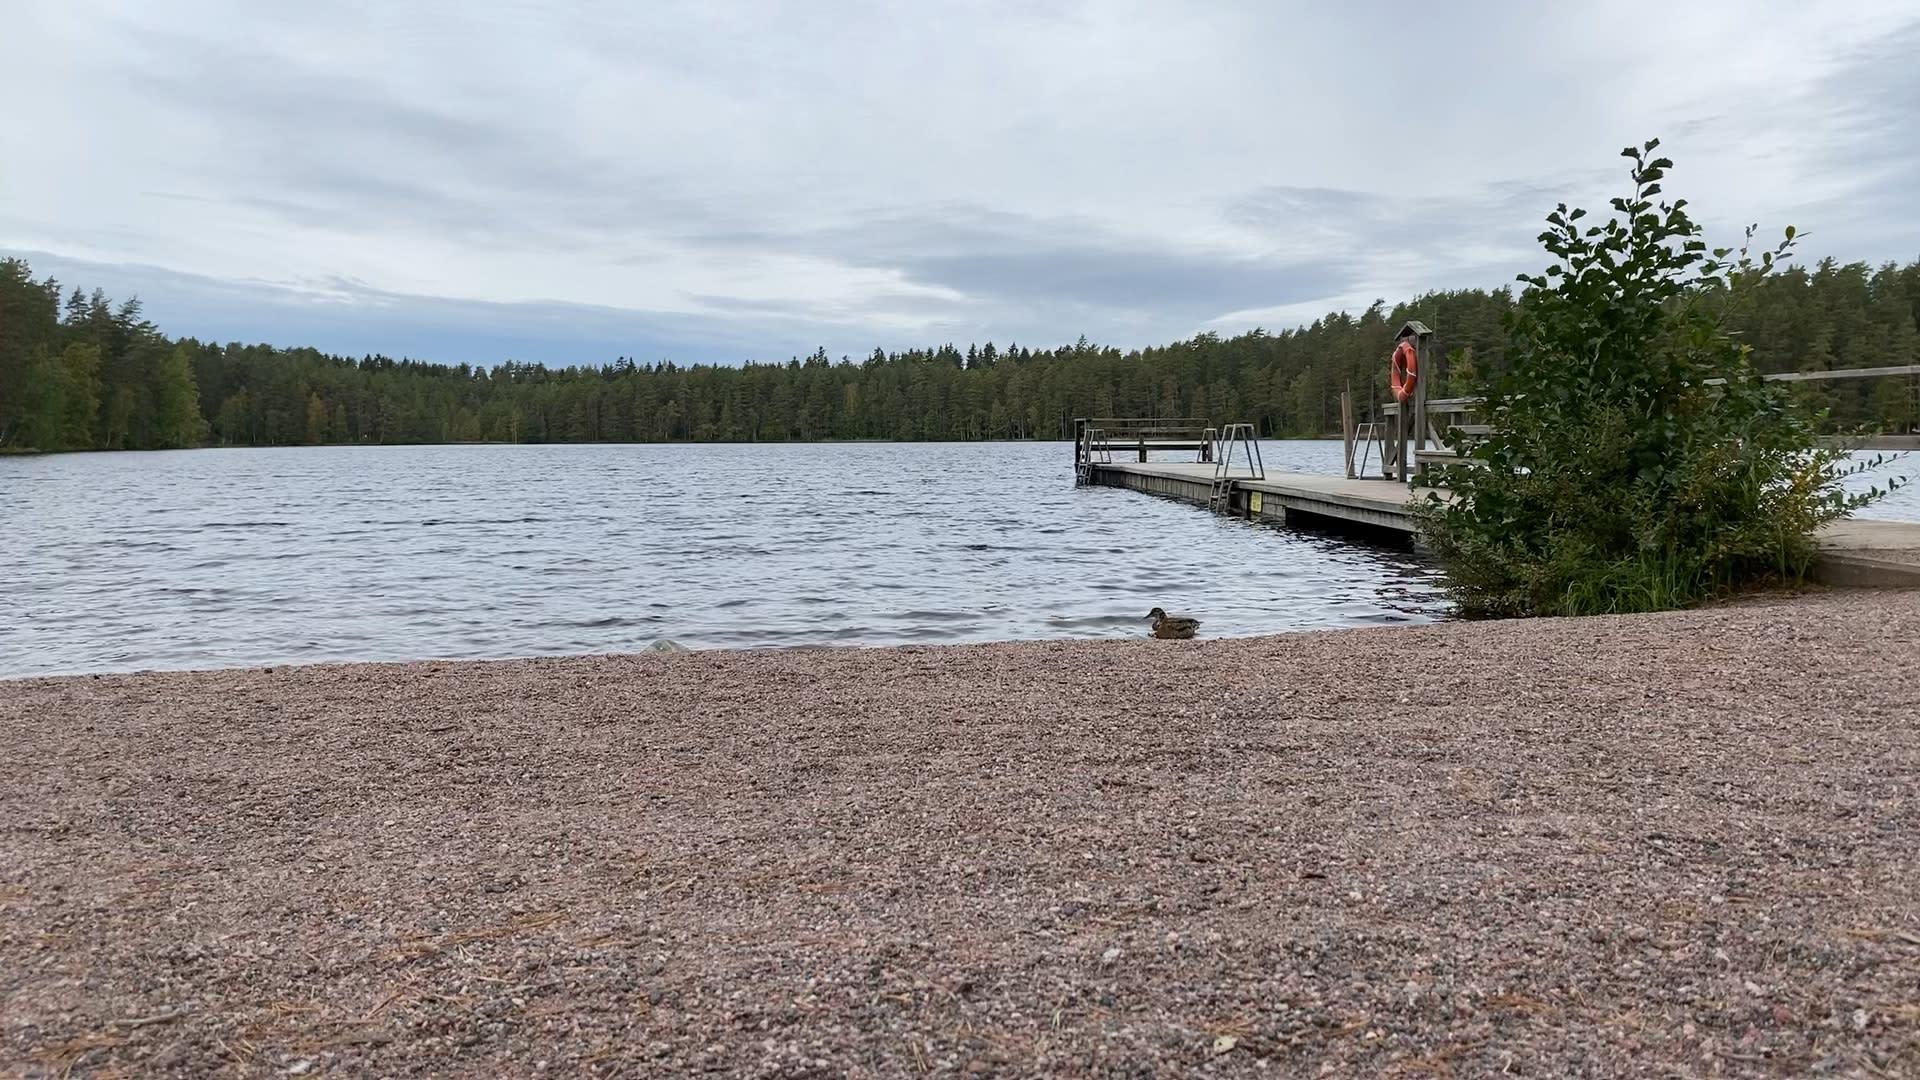 Uimaranta, jolta lähtee pitkä laituri järveen. Sorsa ui vedessä.